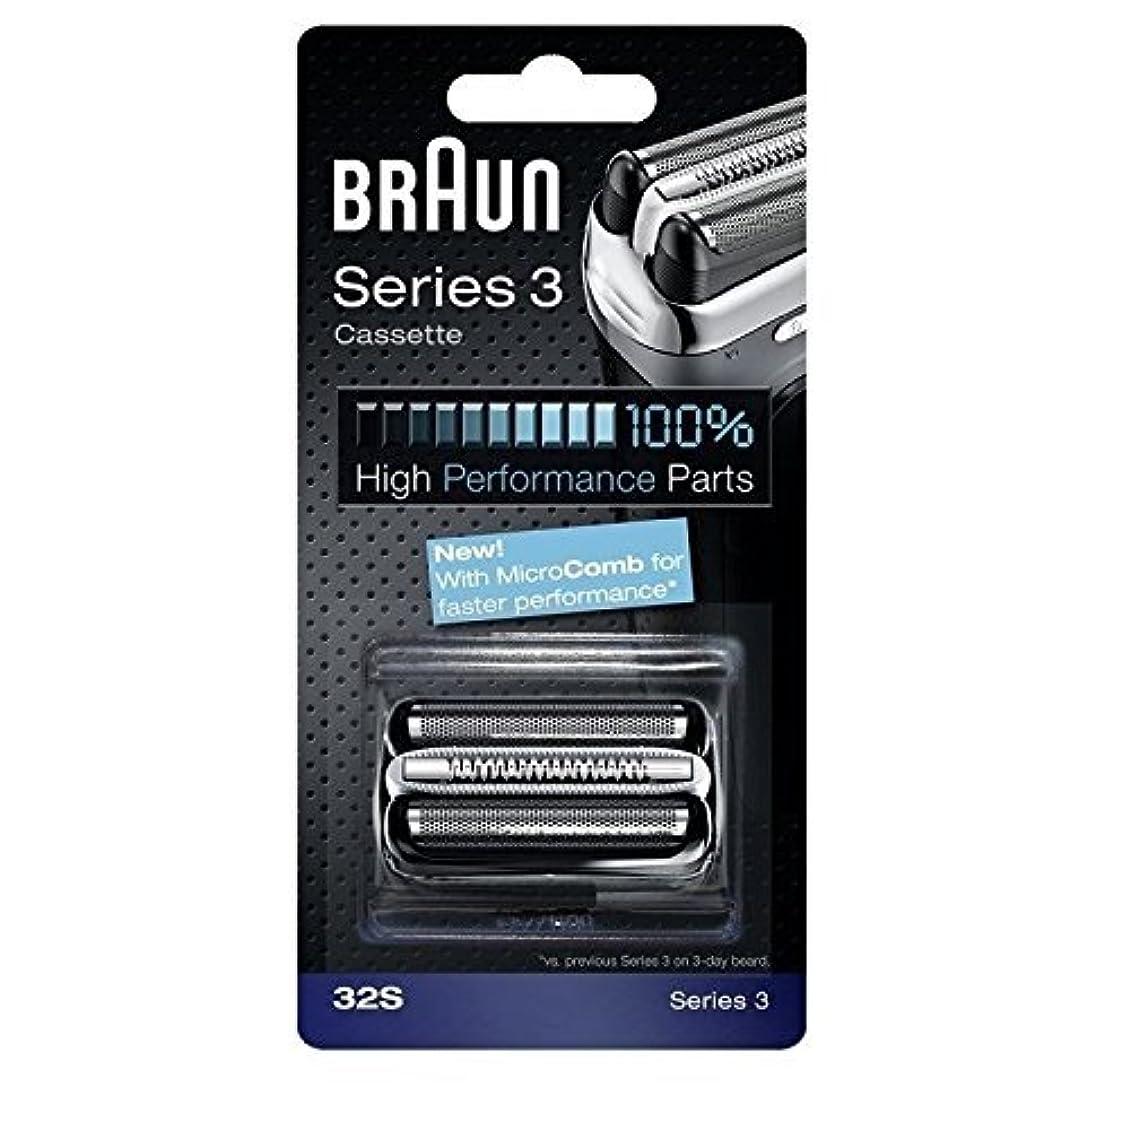 公式ブルジョン招待Braun 32S シリーズ3コンビ 32S 置換カセット [並行輸入品]